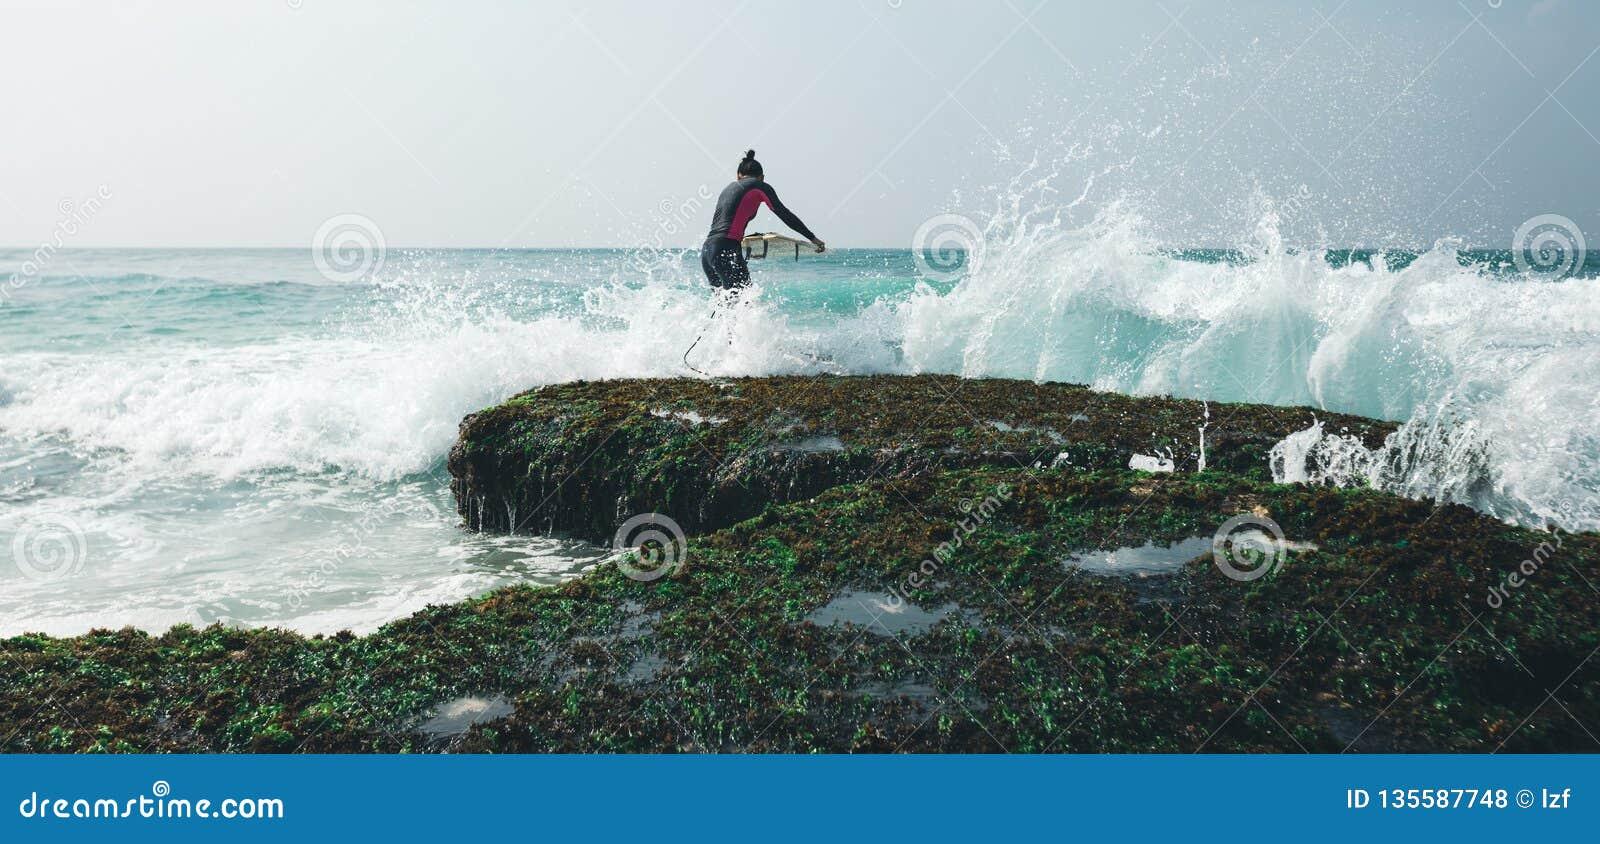 Mulher do surfista com prancha